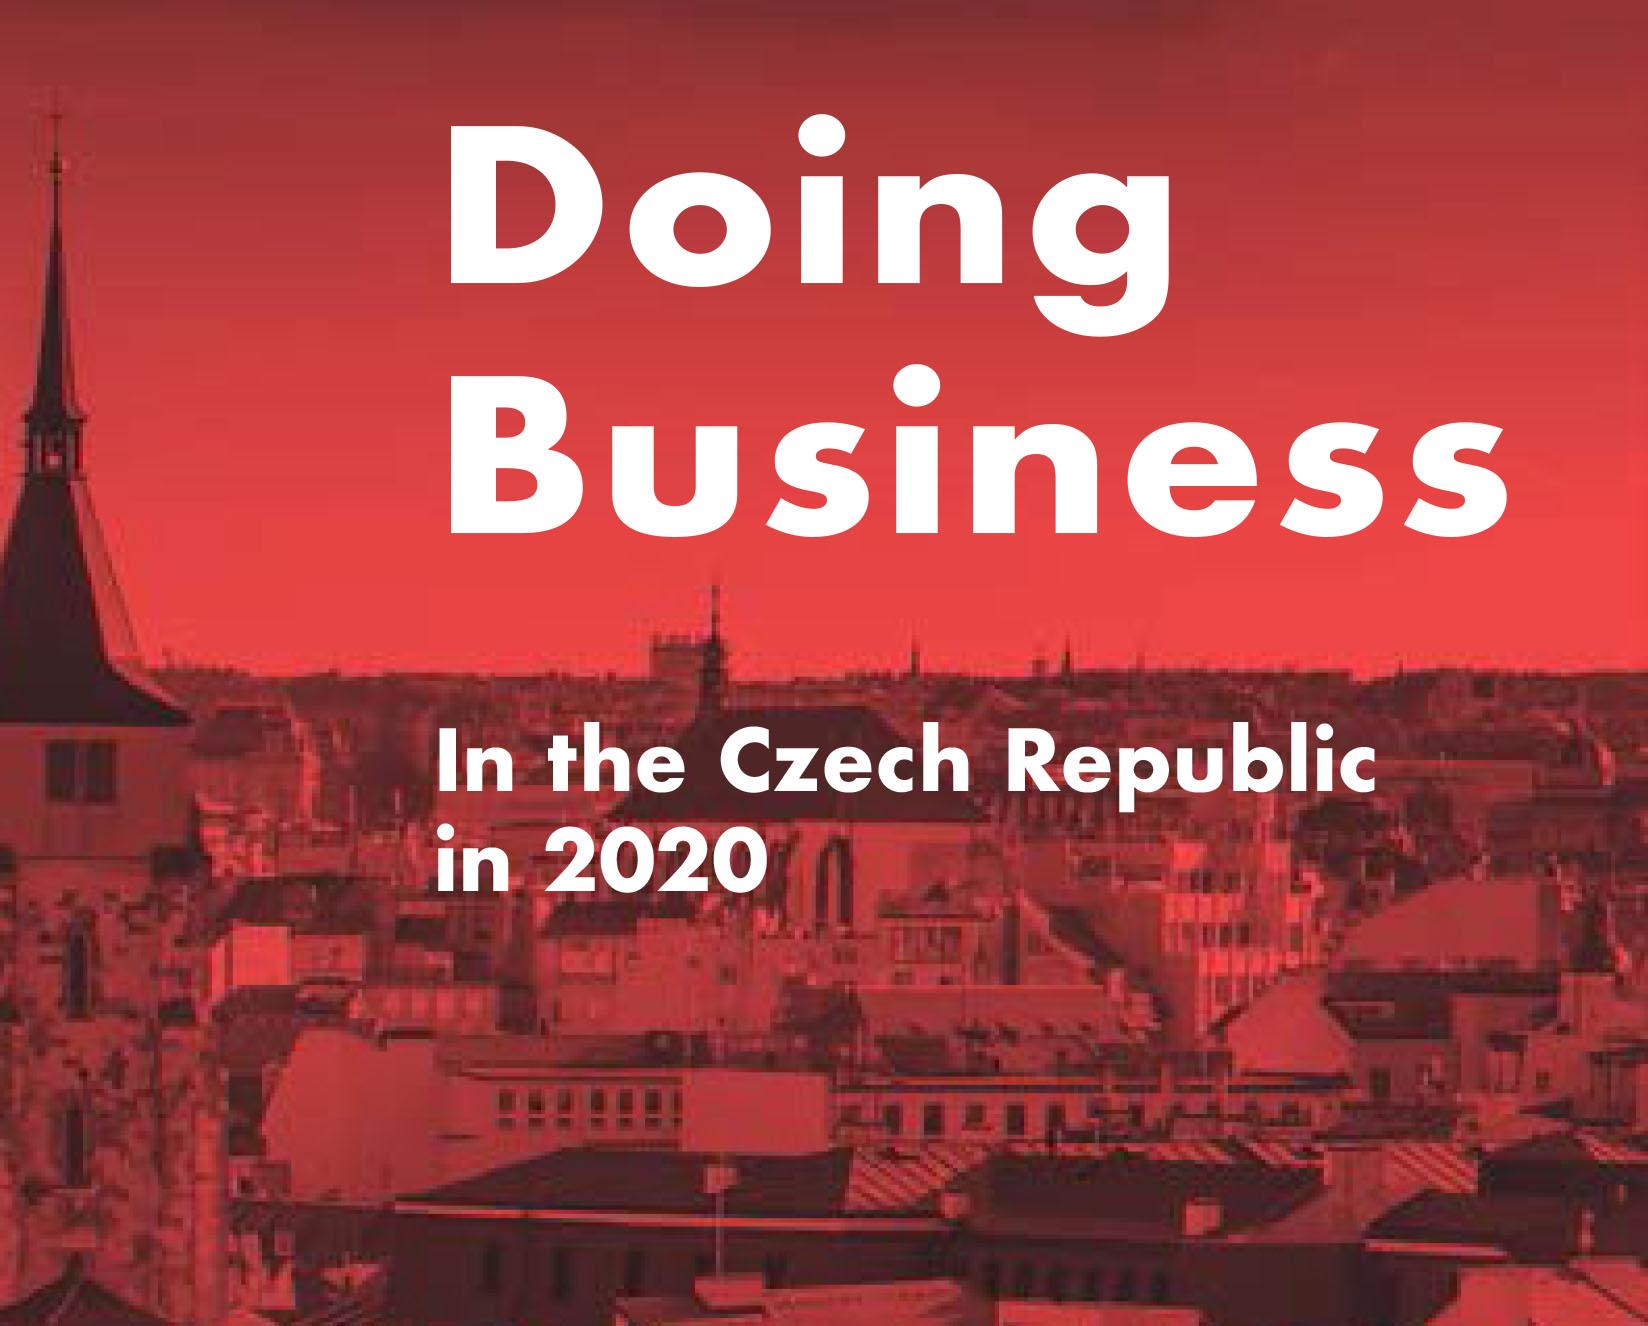 Czech Republic Doing Business 2020